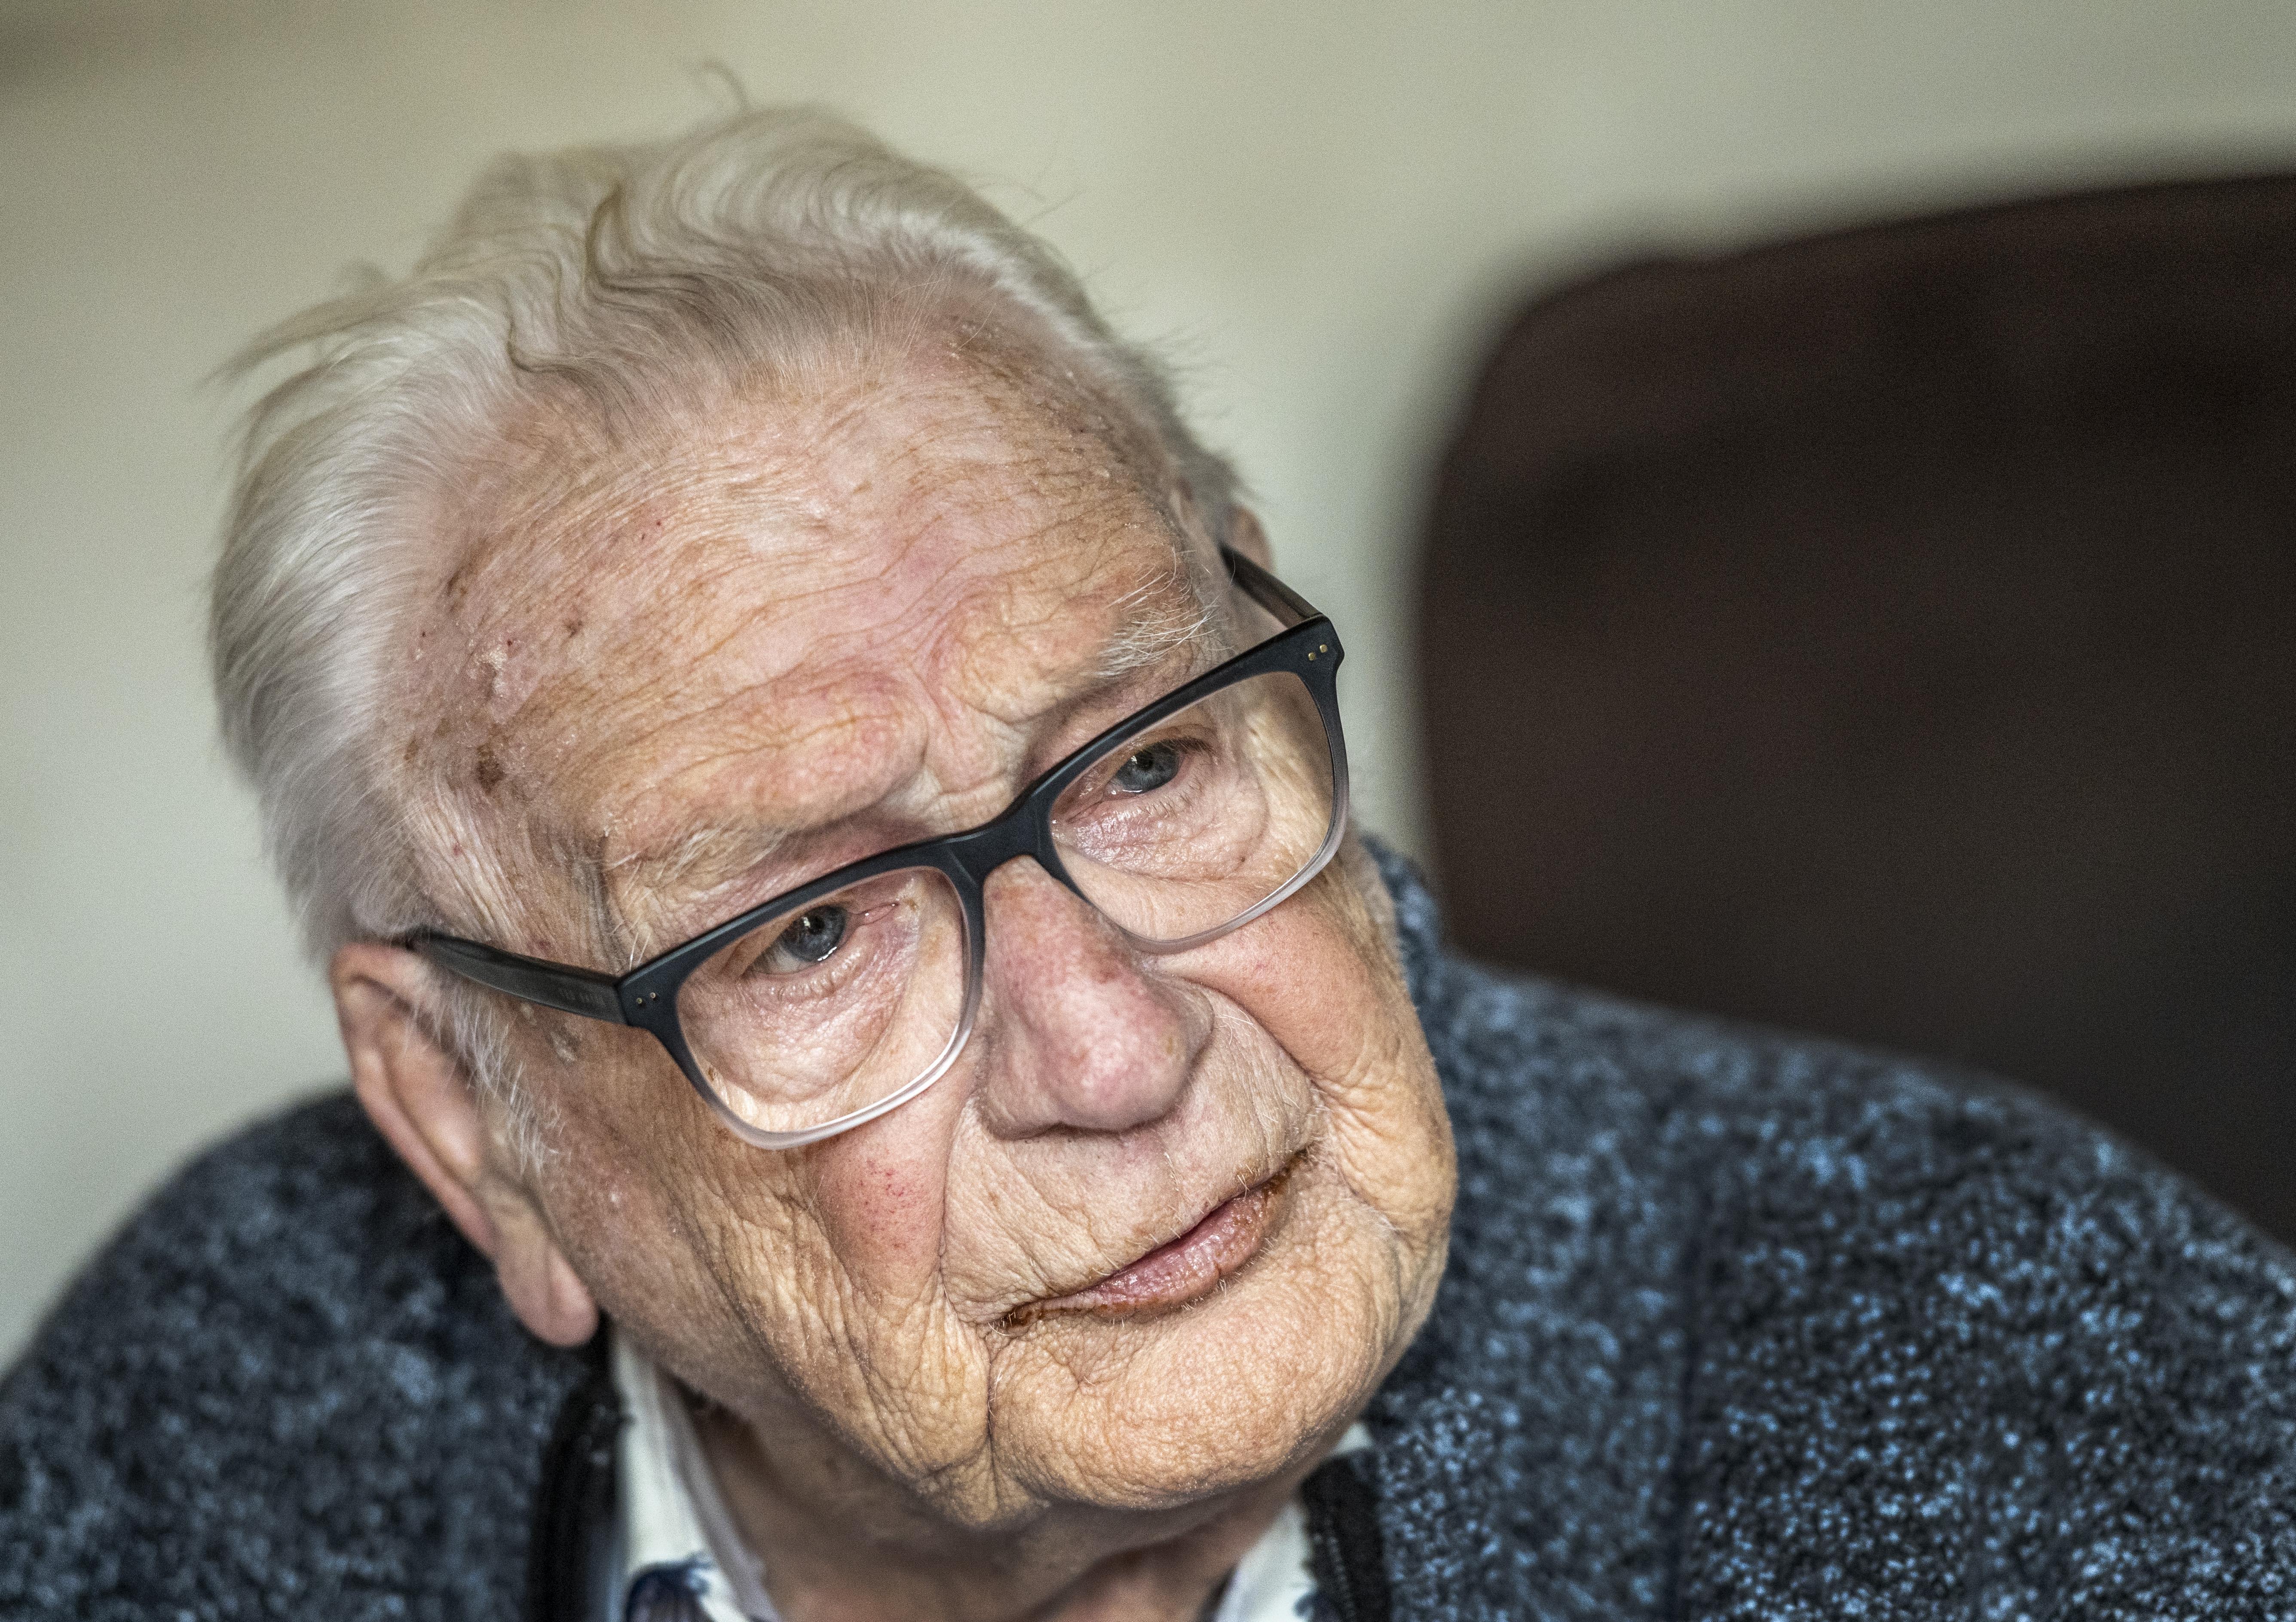 Theo Roelvink (93) wil nog minstens drie boeken schrijven: 'Ik kan me niet indenken dat iemand voor zich uit zit te suffen'